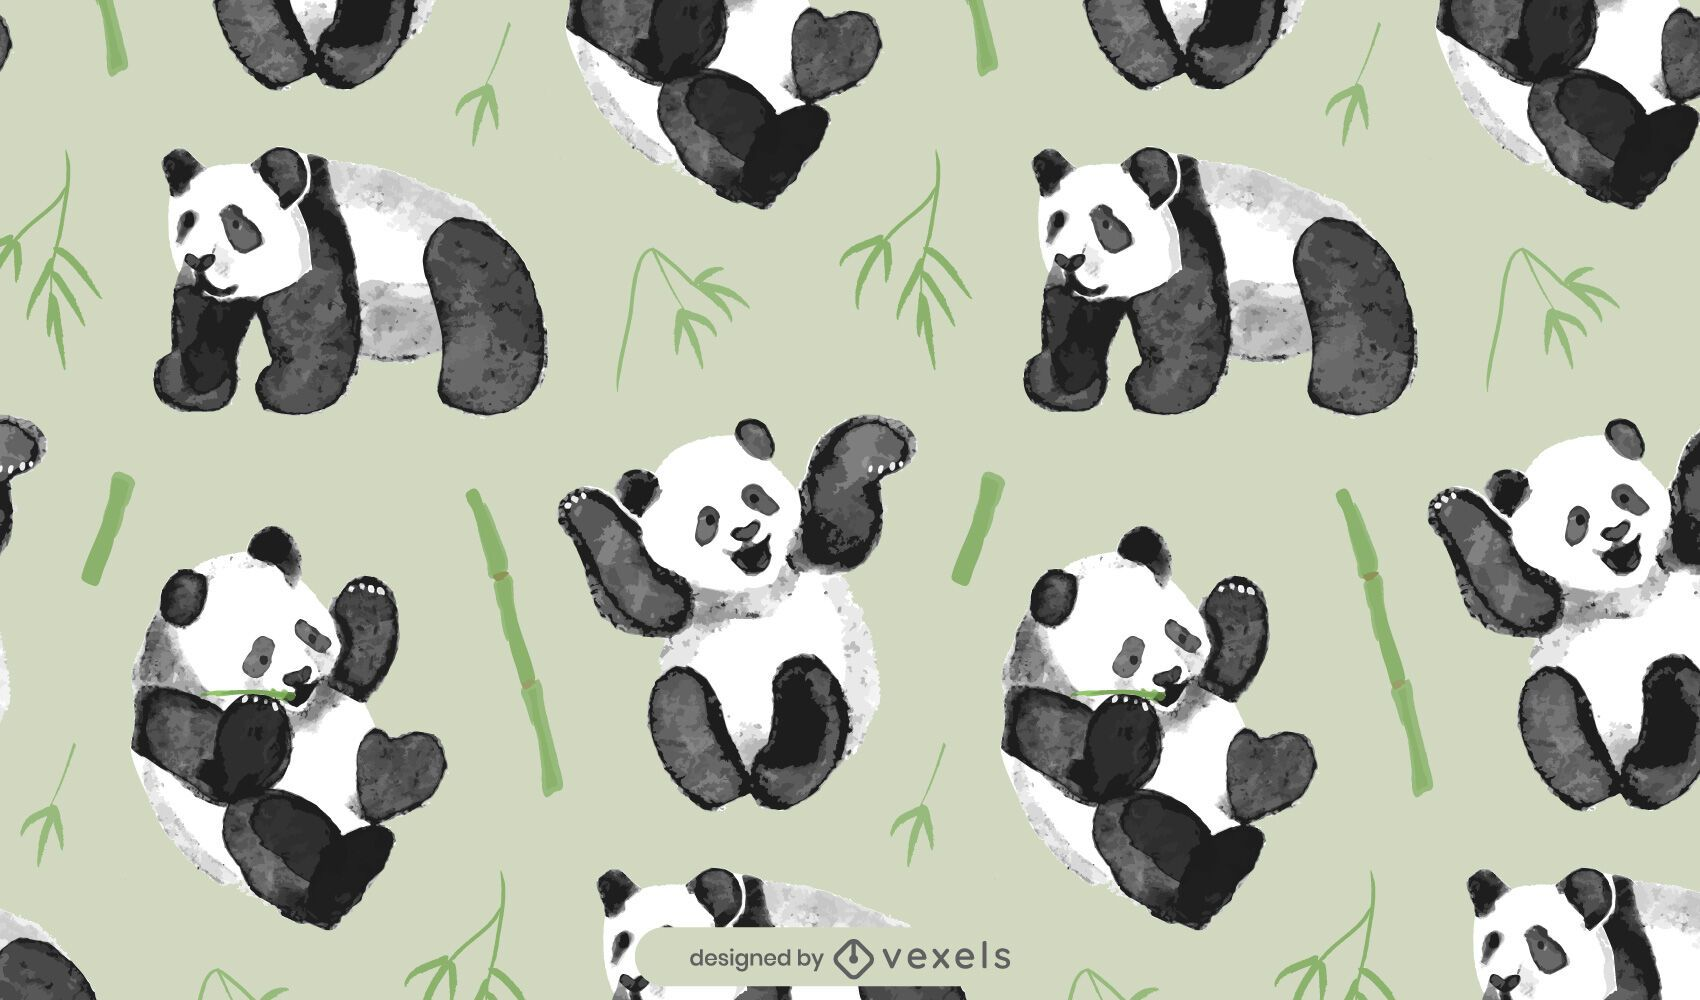 Dise?o de patr?n de oso panda en acuarela